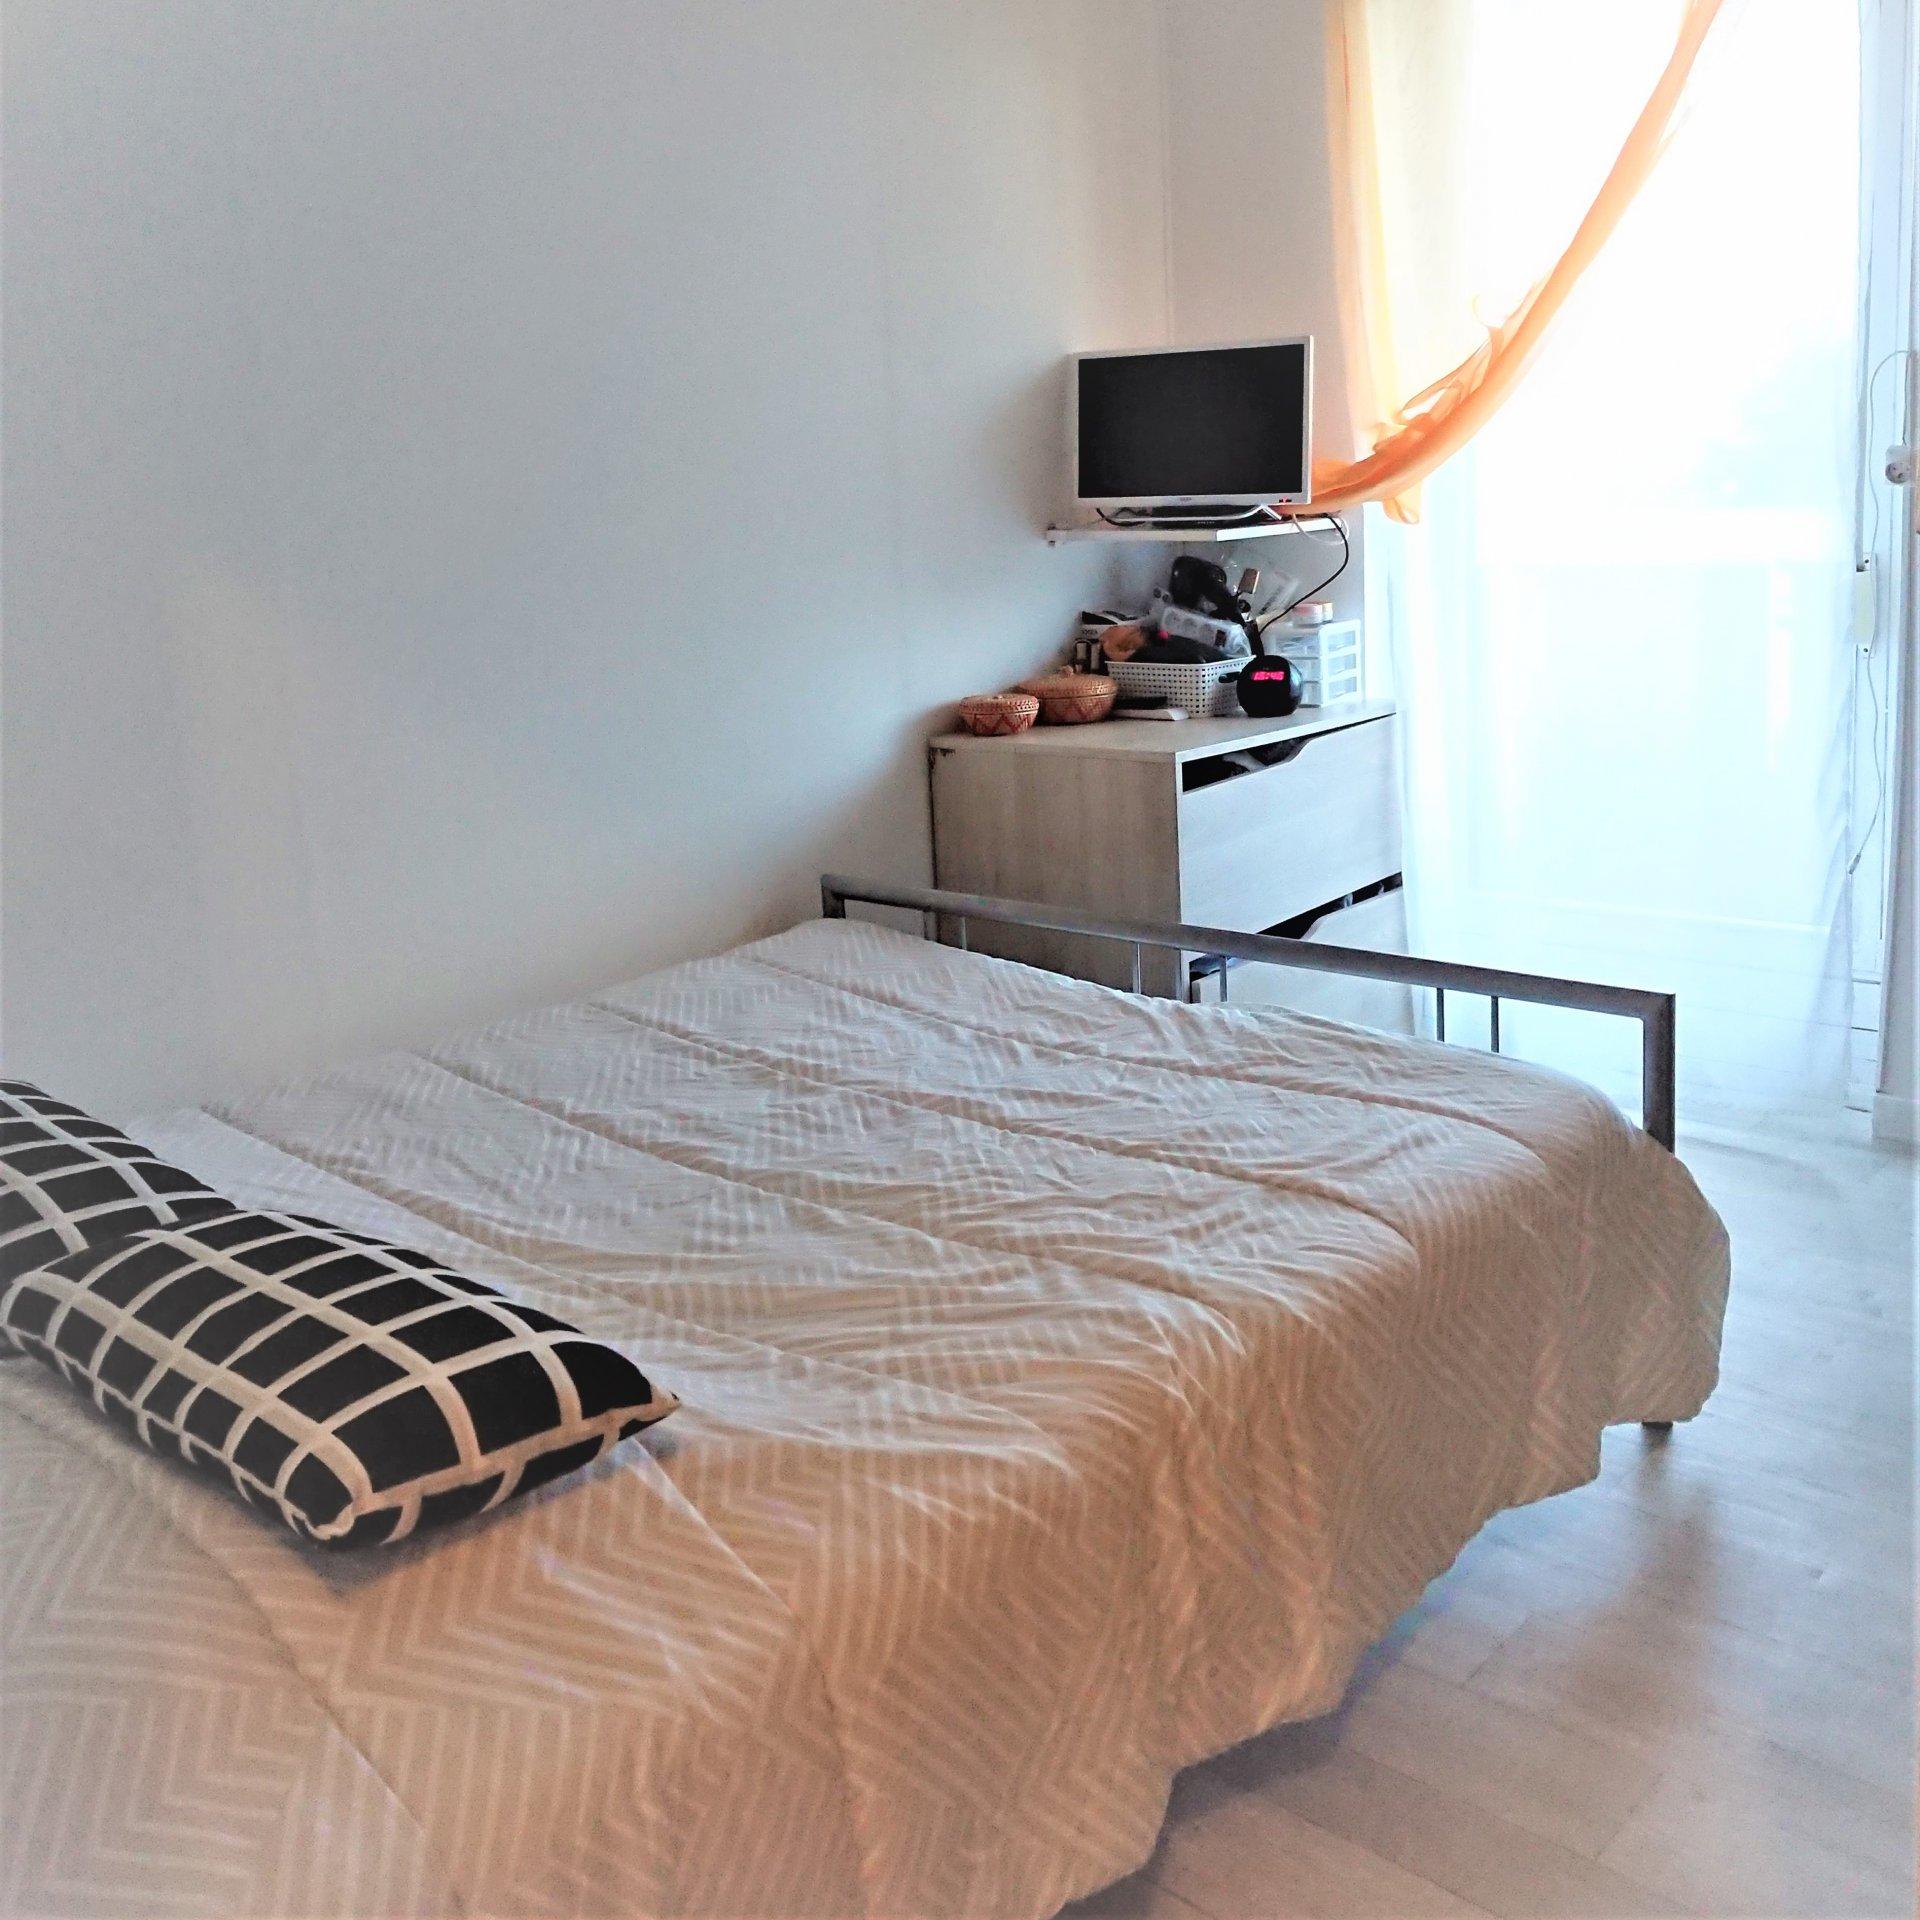 Bel appartement de m² à Creil avec balcon